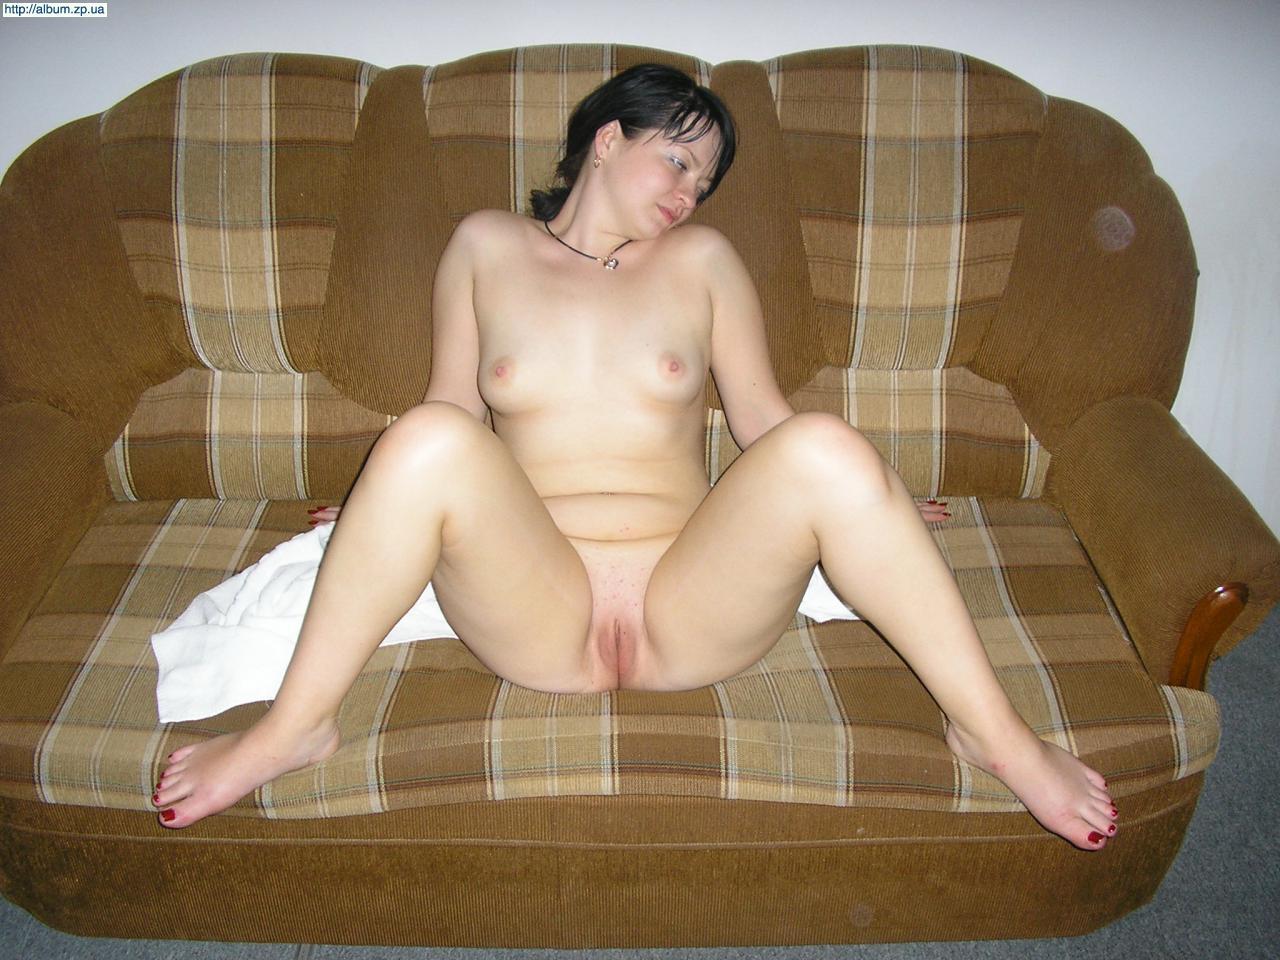 девушки в социальных сетях 18 порно фото